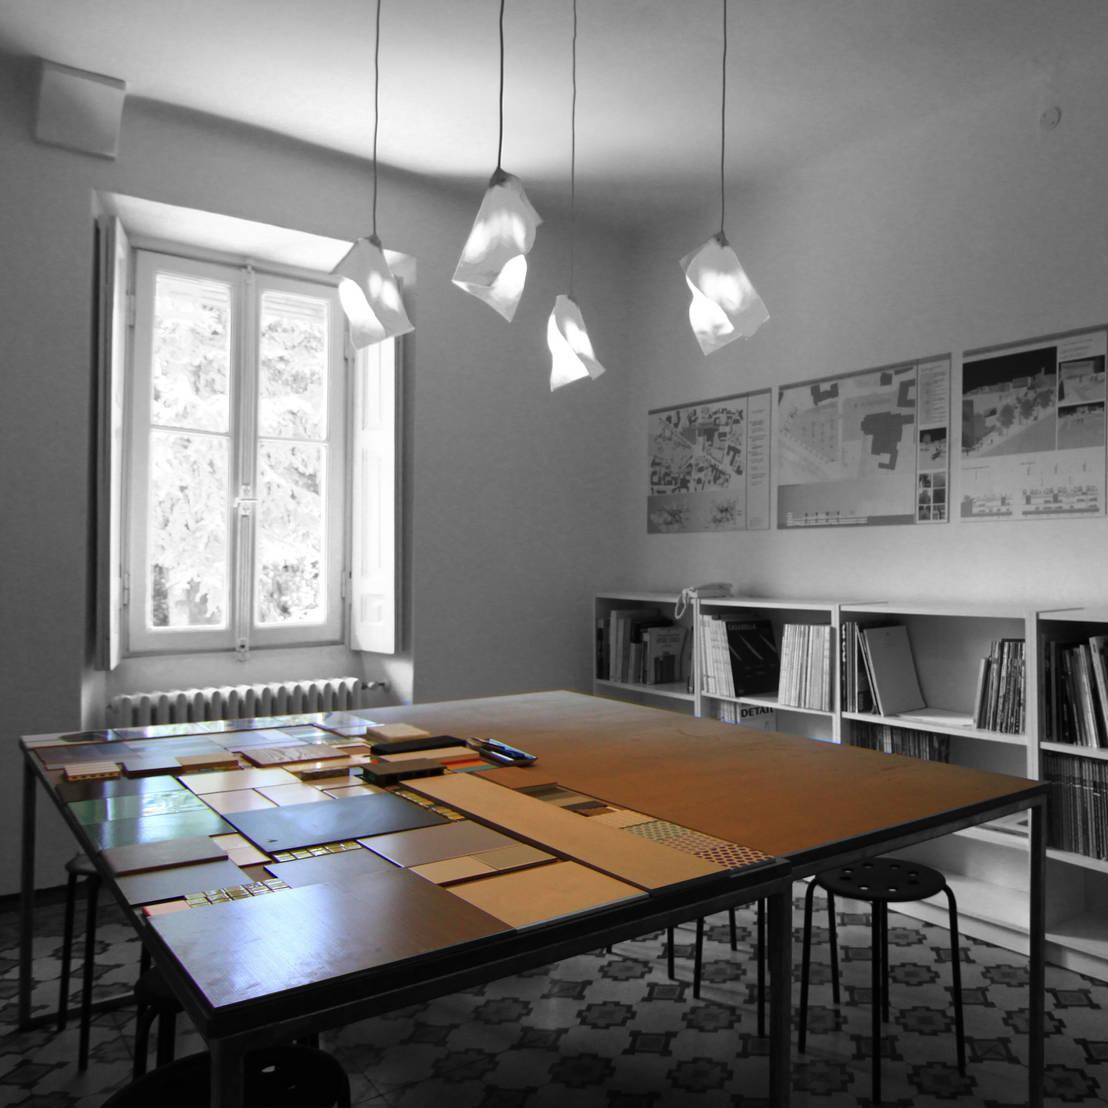 Studio di architettura por a2 studio di architettura homify for Studi di architettura